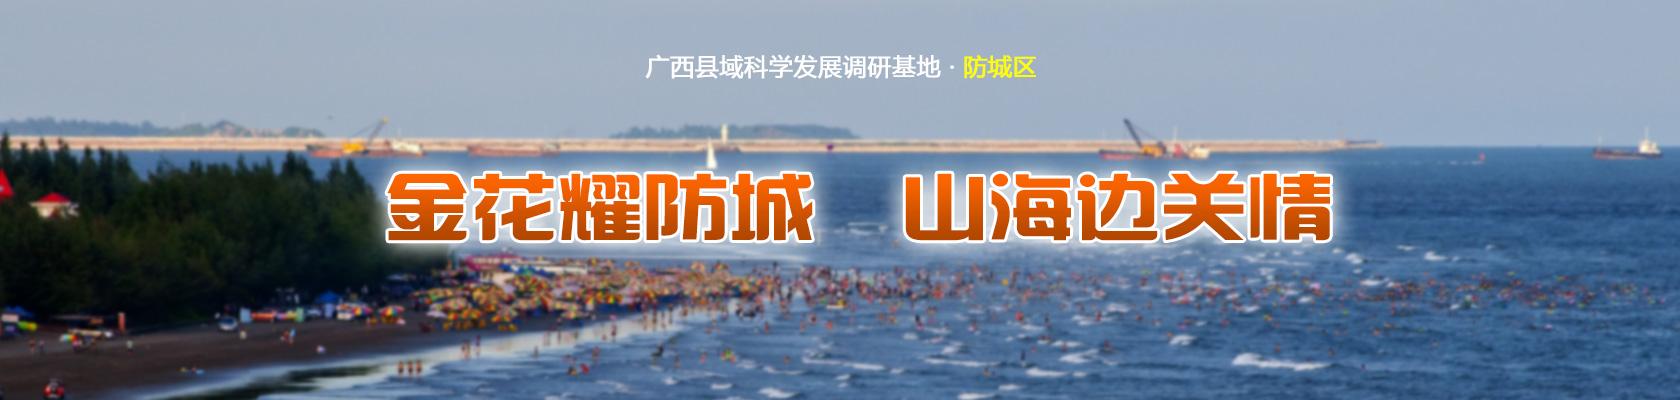 防城区:金花耀防城 山海边关情